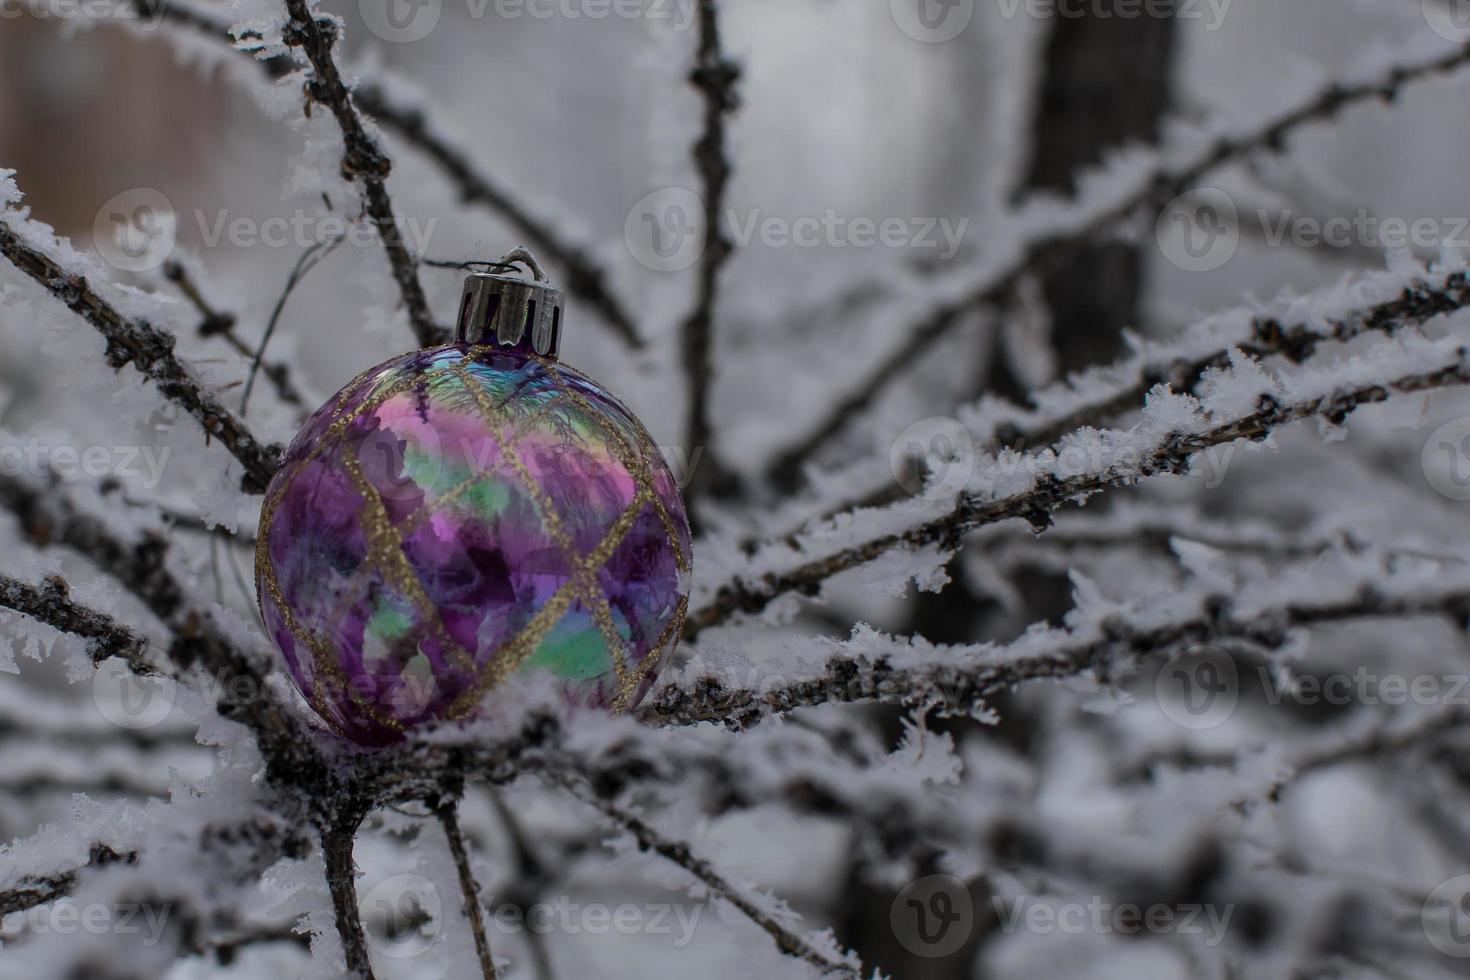 Weihnachtsbaumspielzeug auf einem schneebedeckten Ast foto